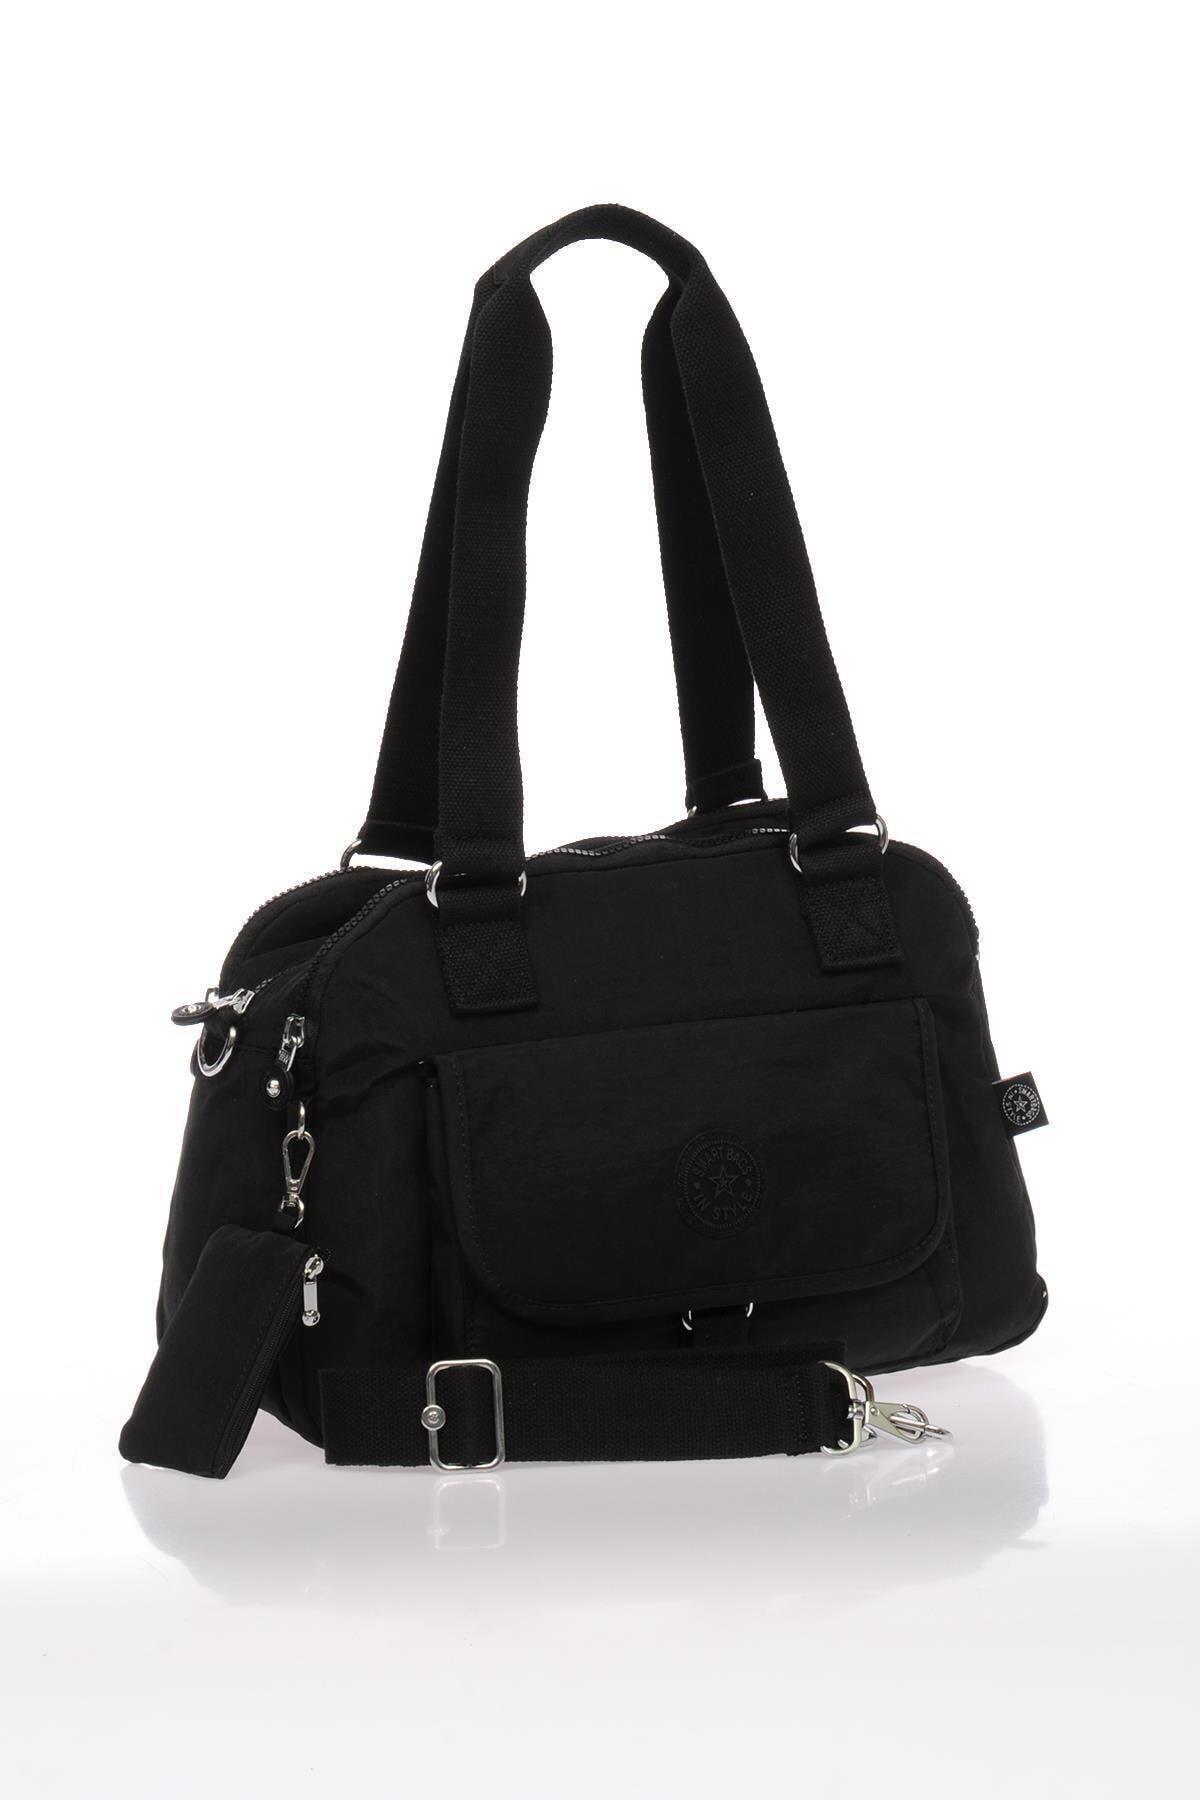 SMART BAGS Kadın Siyah Omuz Çantası 2